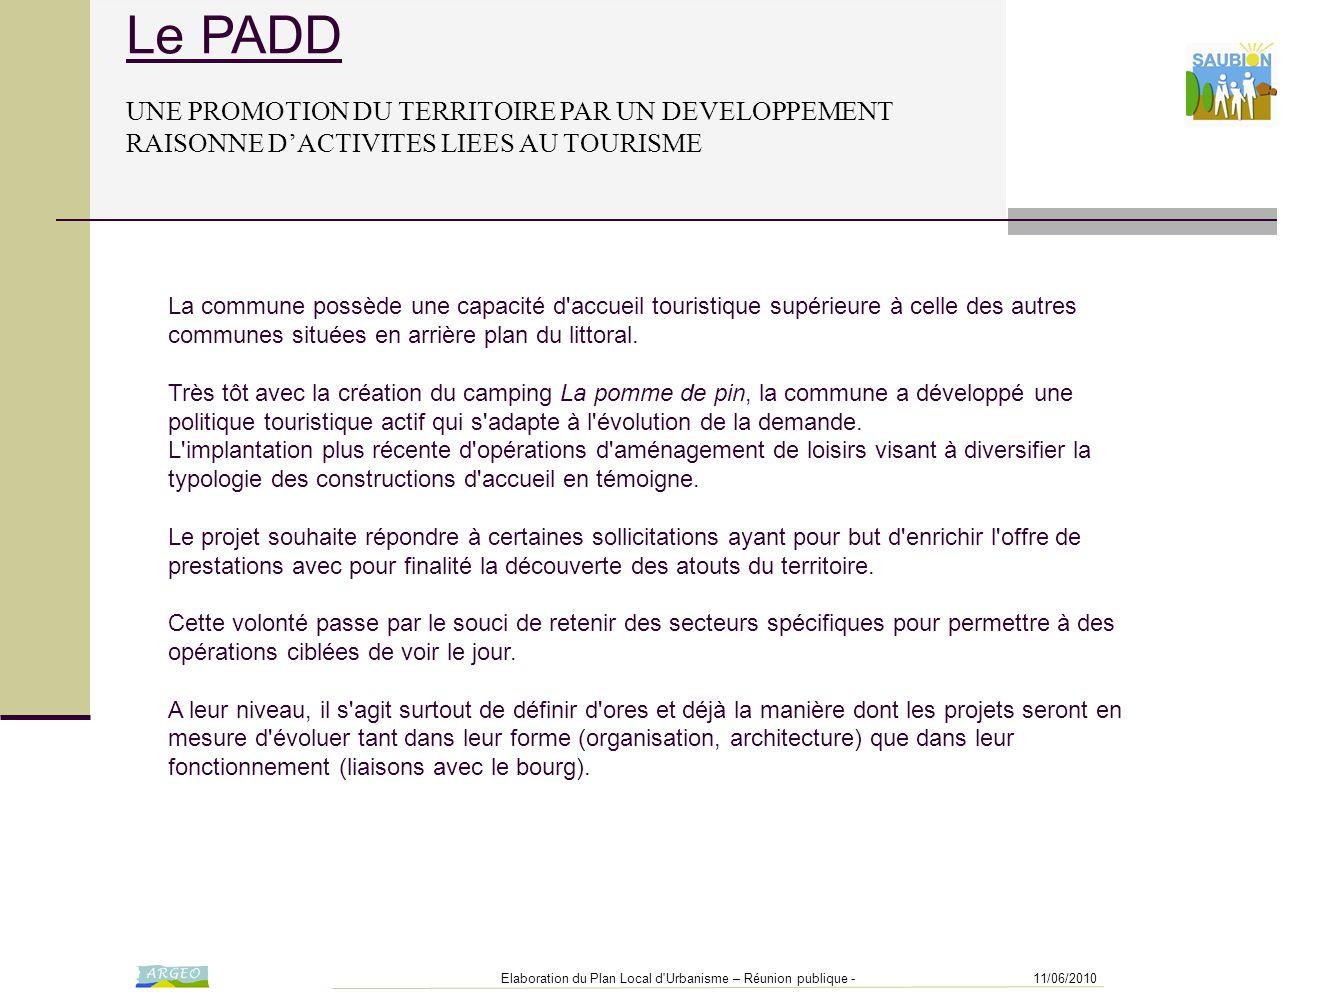 11/06/2010Elaboration du Plan Local d'Urbanisme – Réunion publique - Le PADD UNE PROMOTION DU TERRITOIRE PAR UN DEVELOPPEMENT RAISONNE D'ACTIVITES LIE